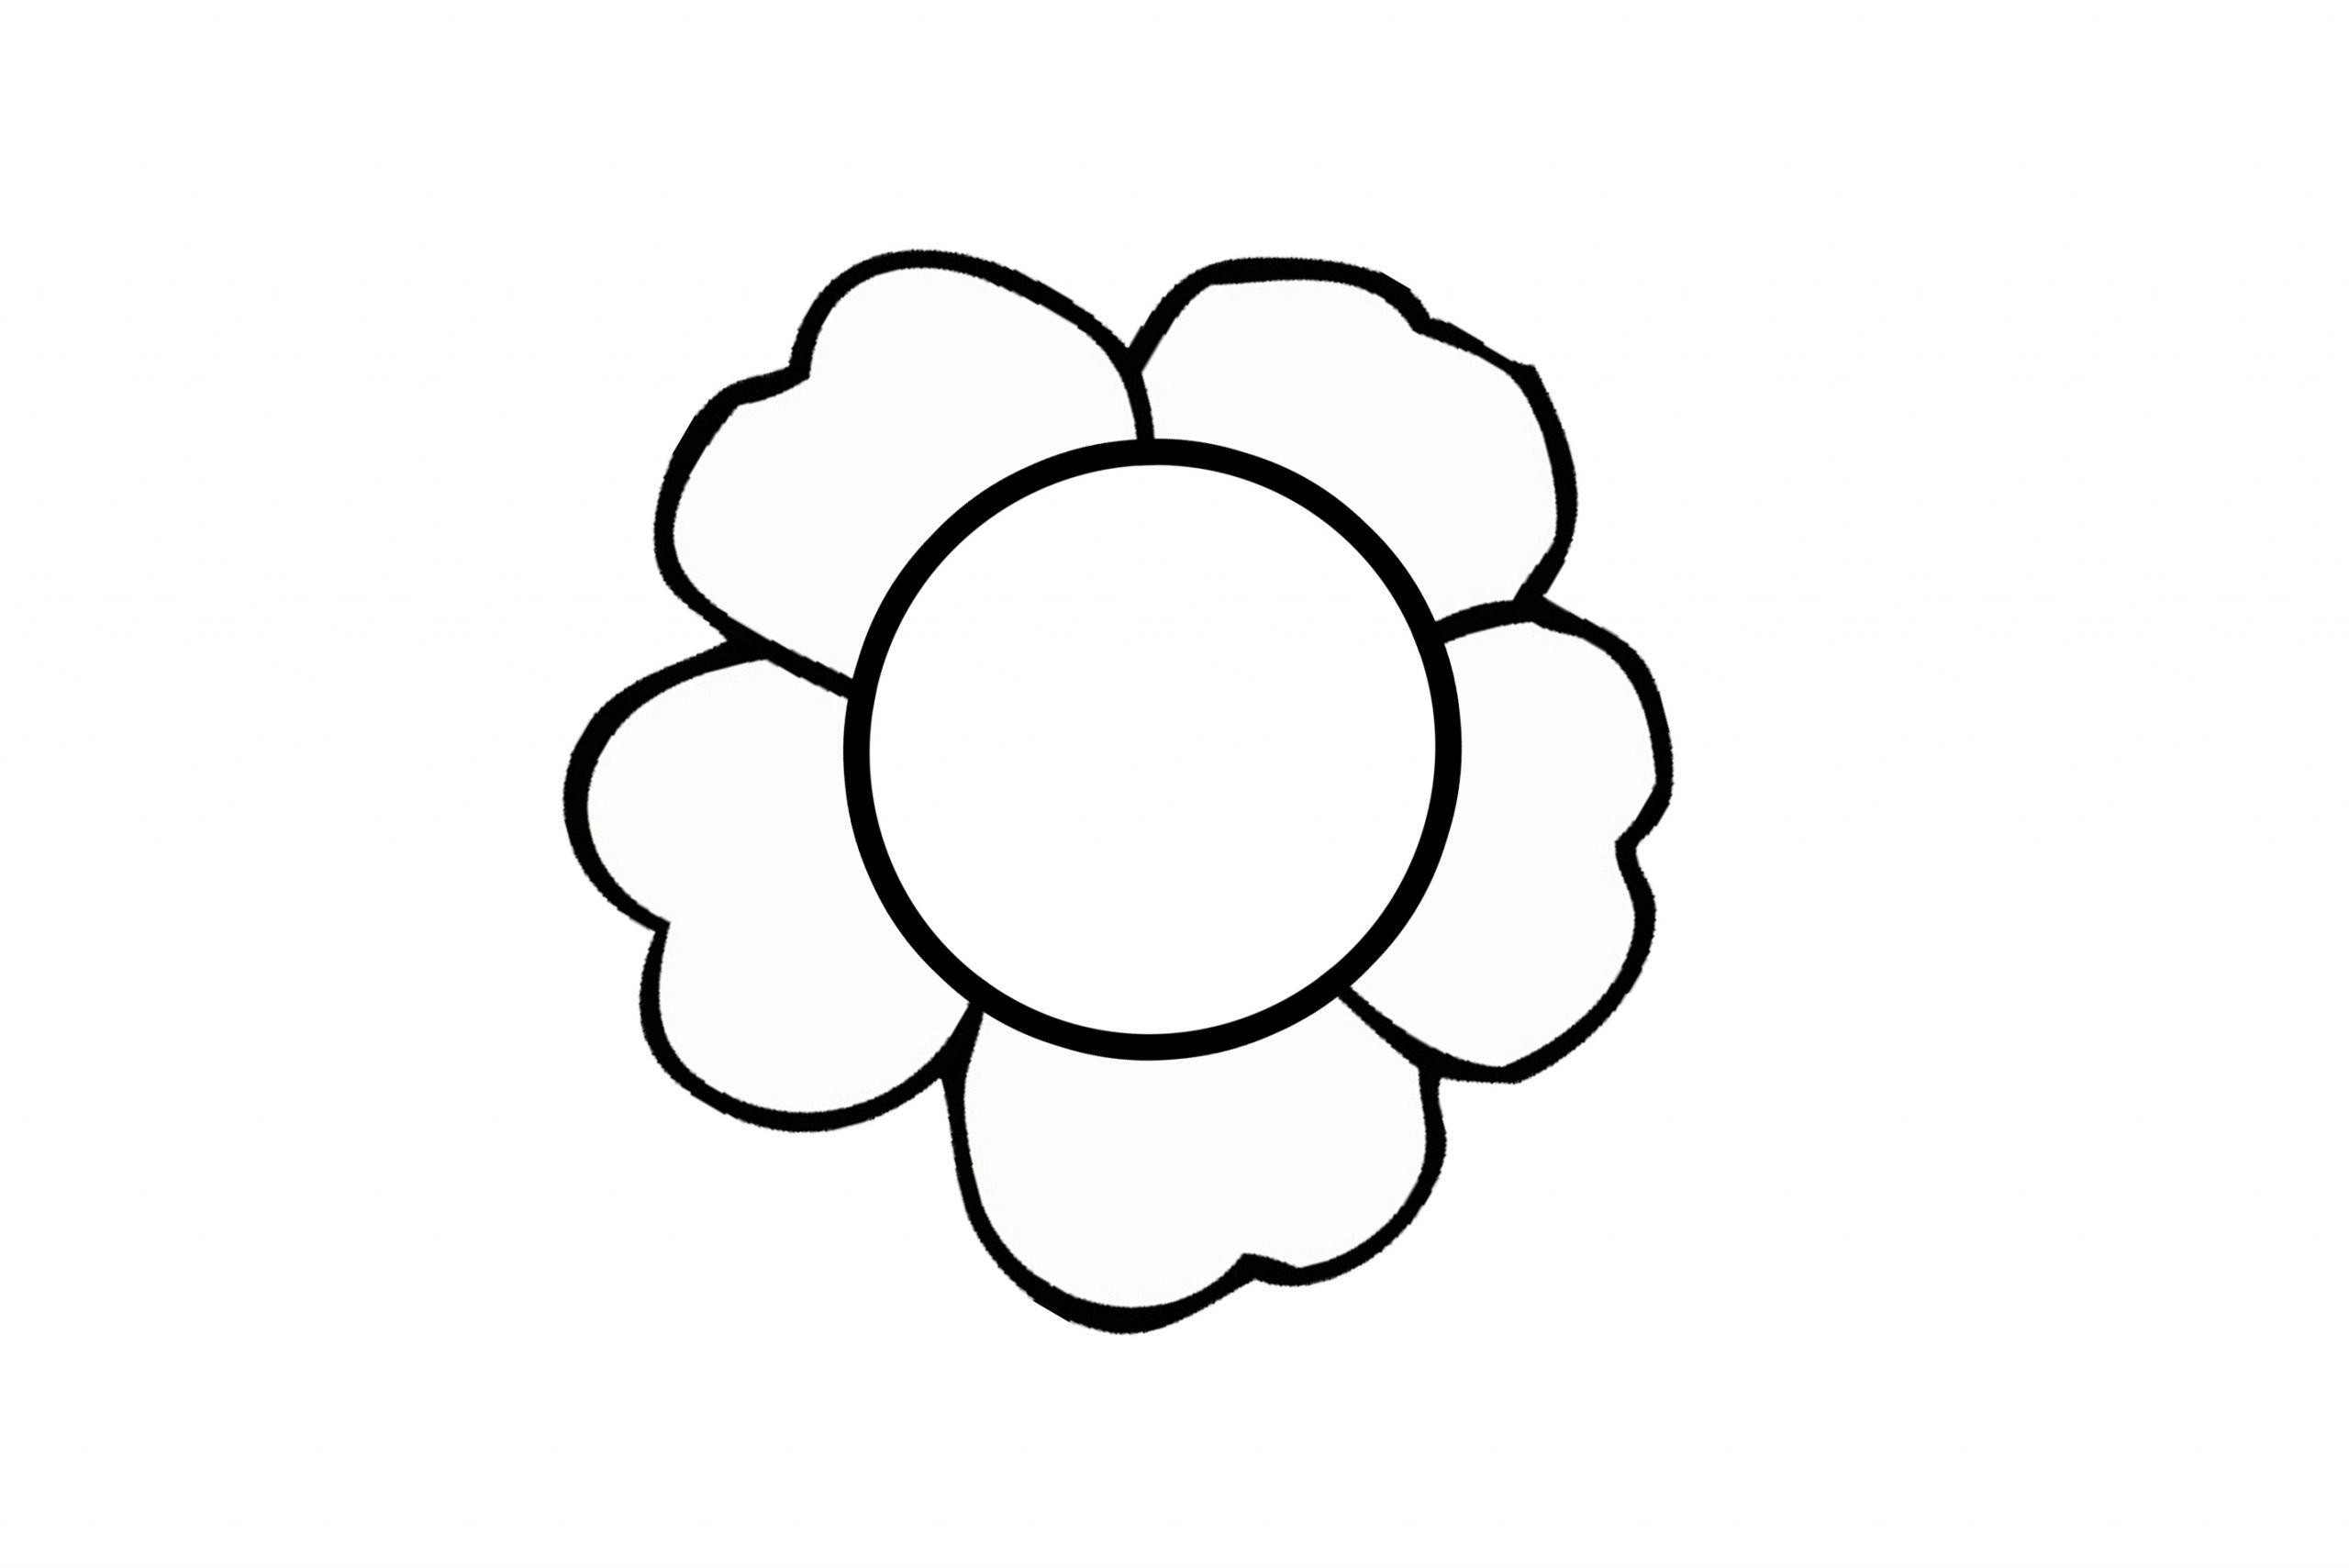 Blumen Ausmalbilder Kostenlos Malvorlagen Windowcolor zum Drucken